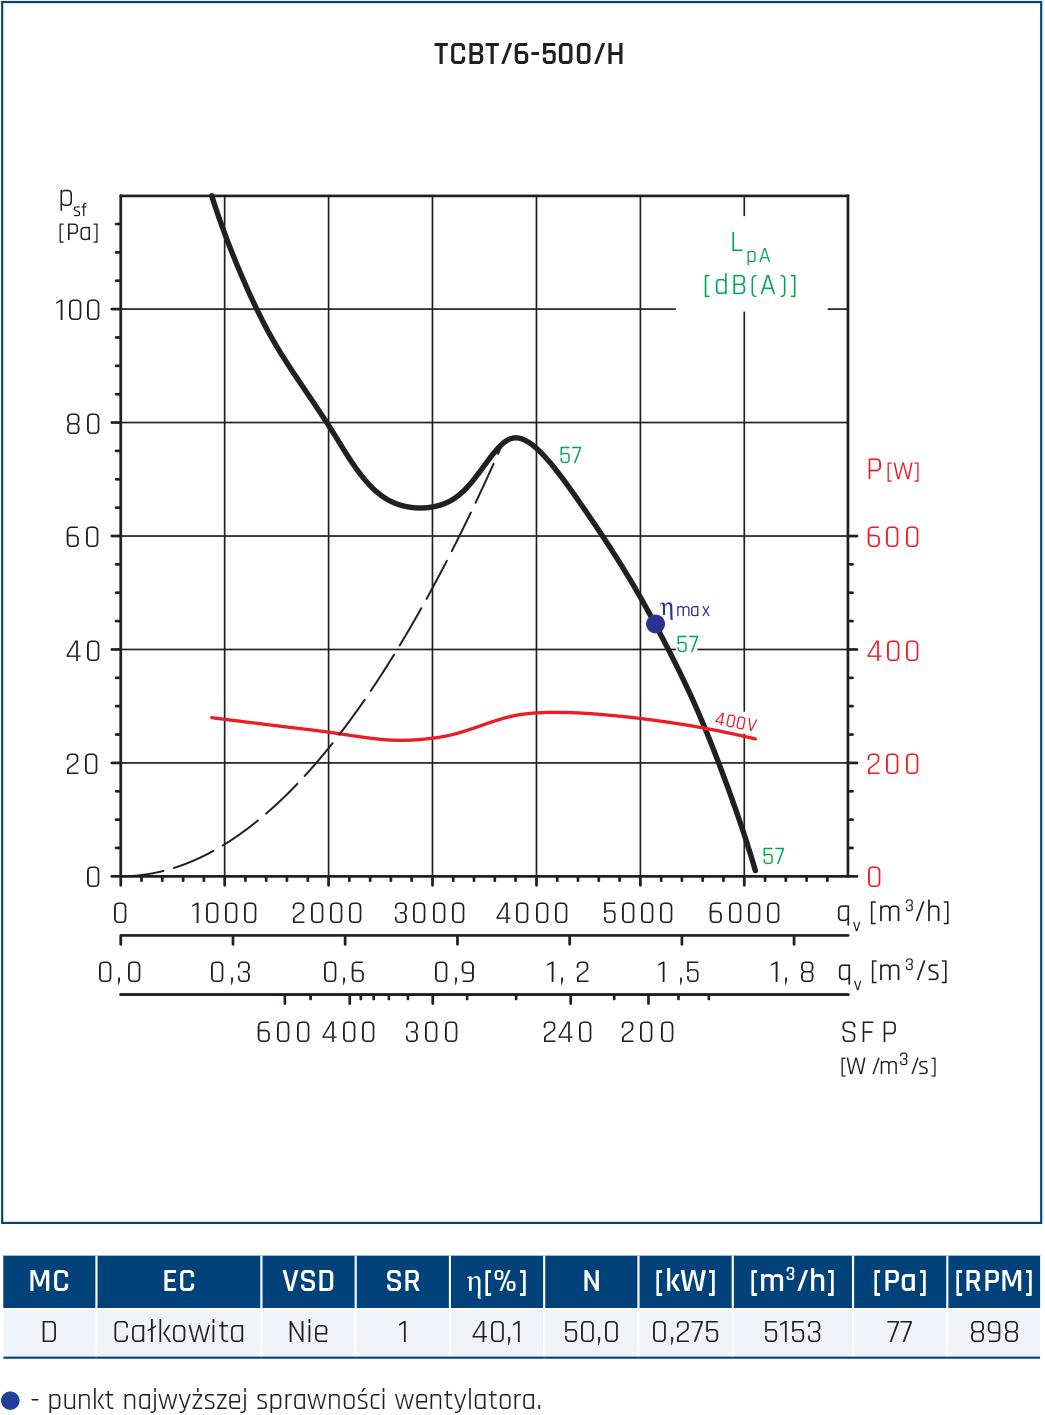 Wentylator Compact TCBB/TCBT 78